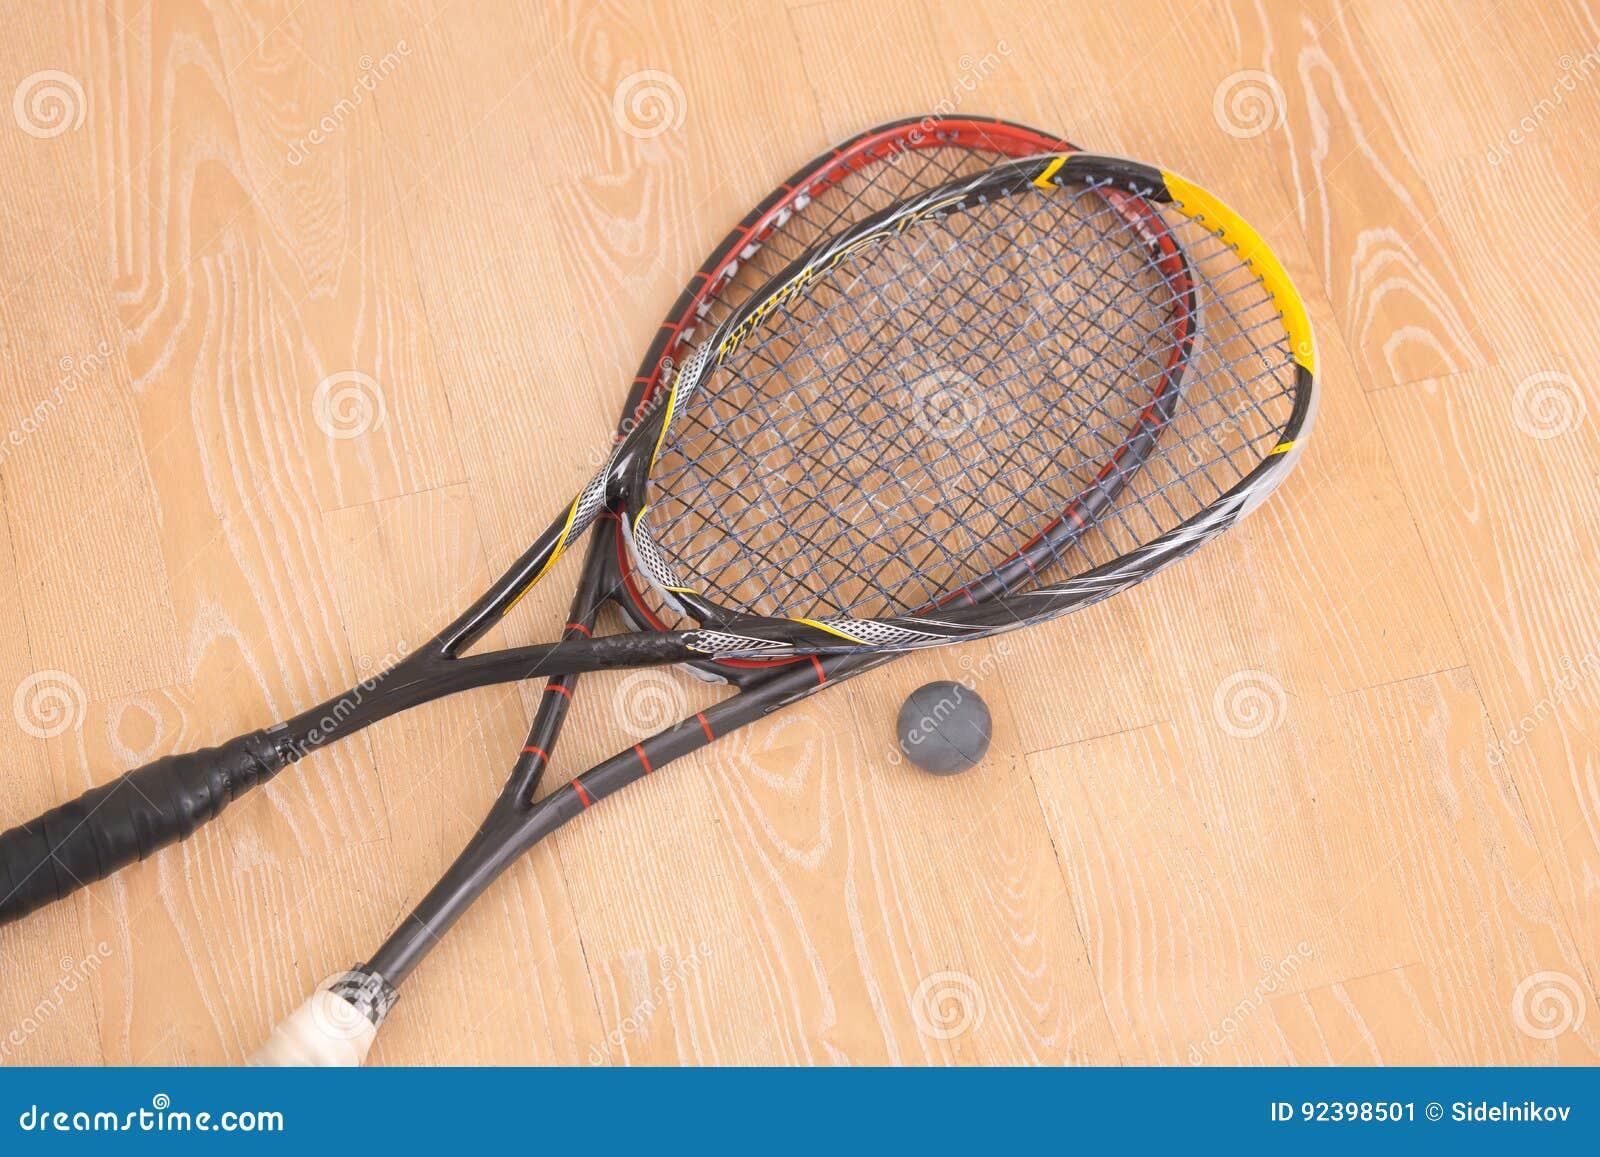 Ракетки и шарик equiment спорта на поле